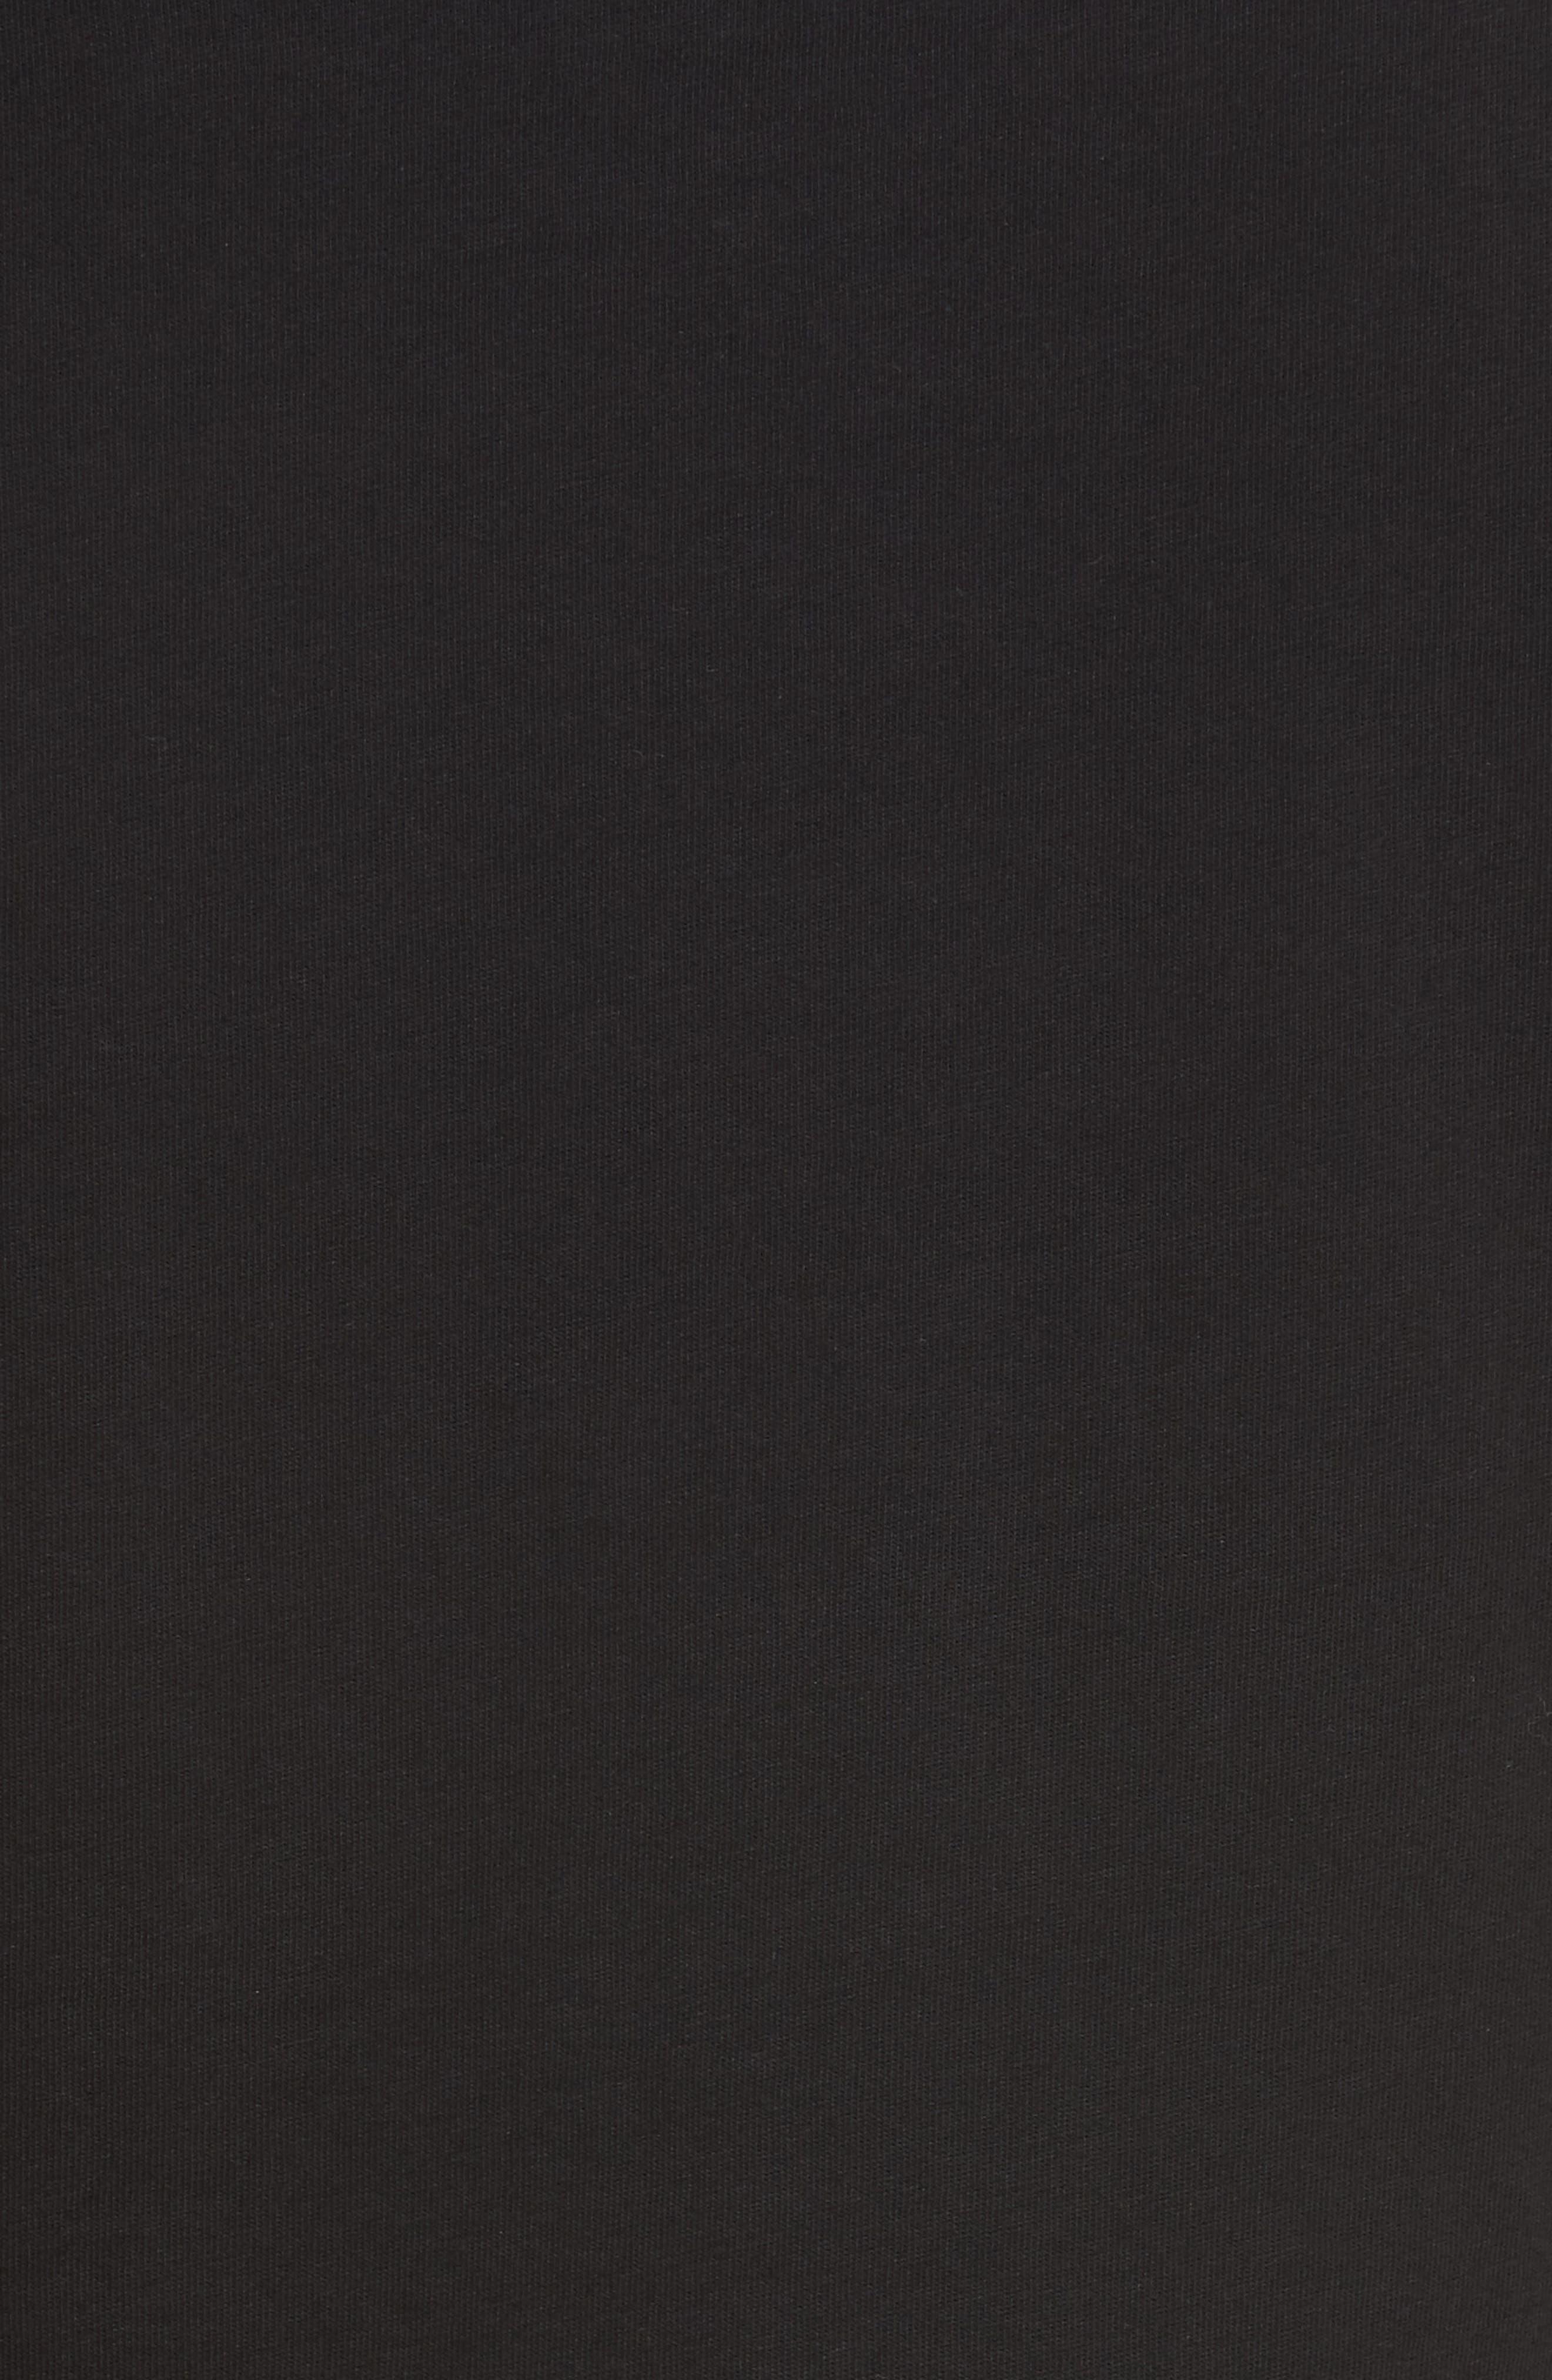 Bondage Sleeve Tee,                             Alternate thumbnail 5, color,                             BLACK